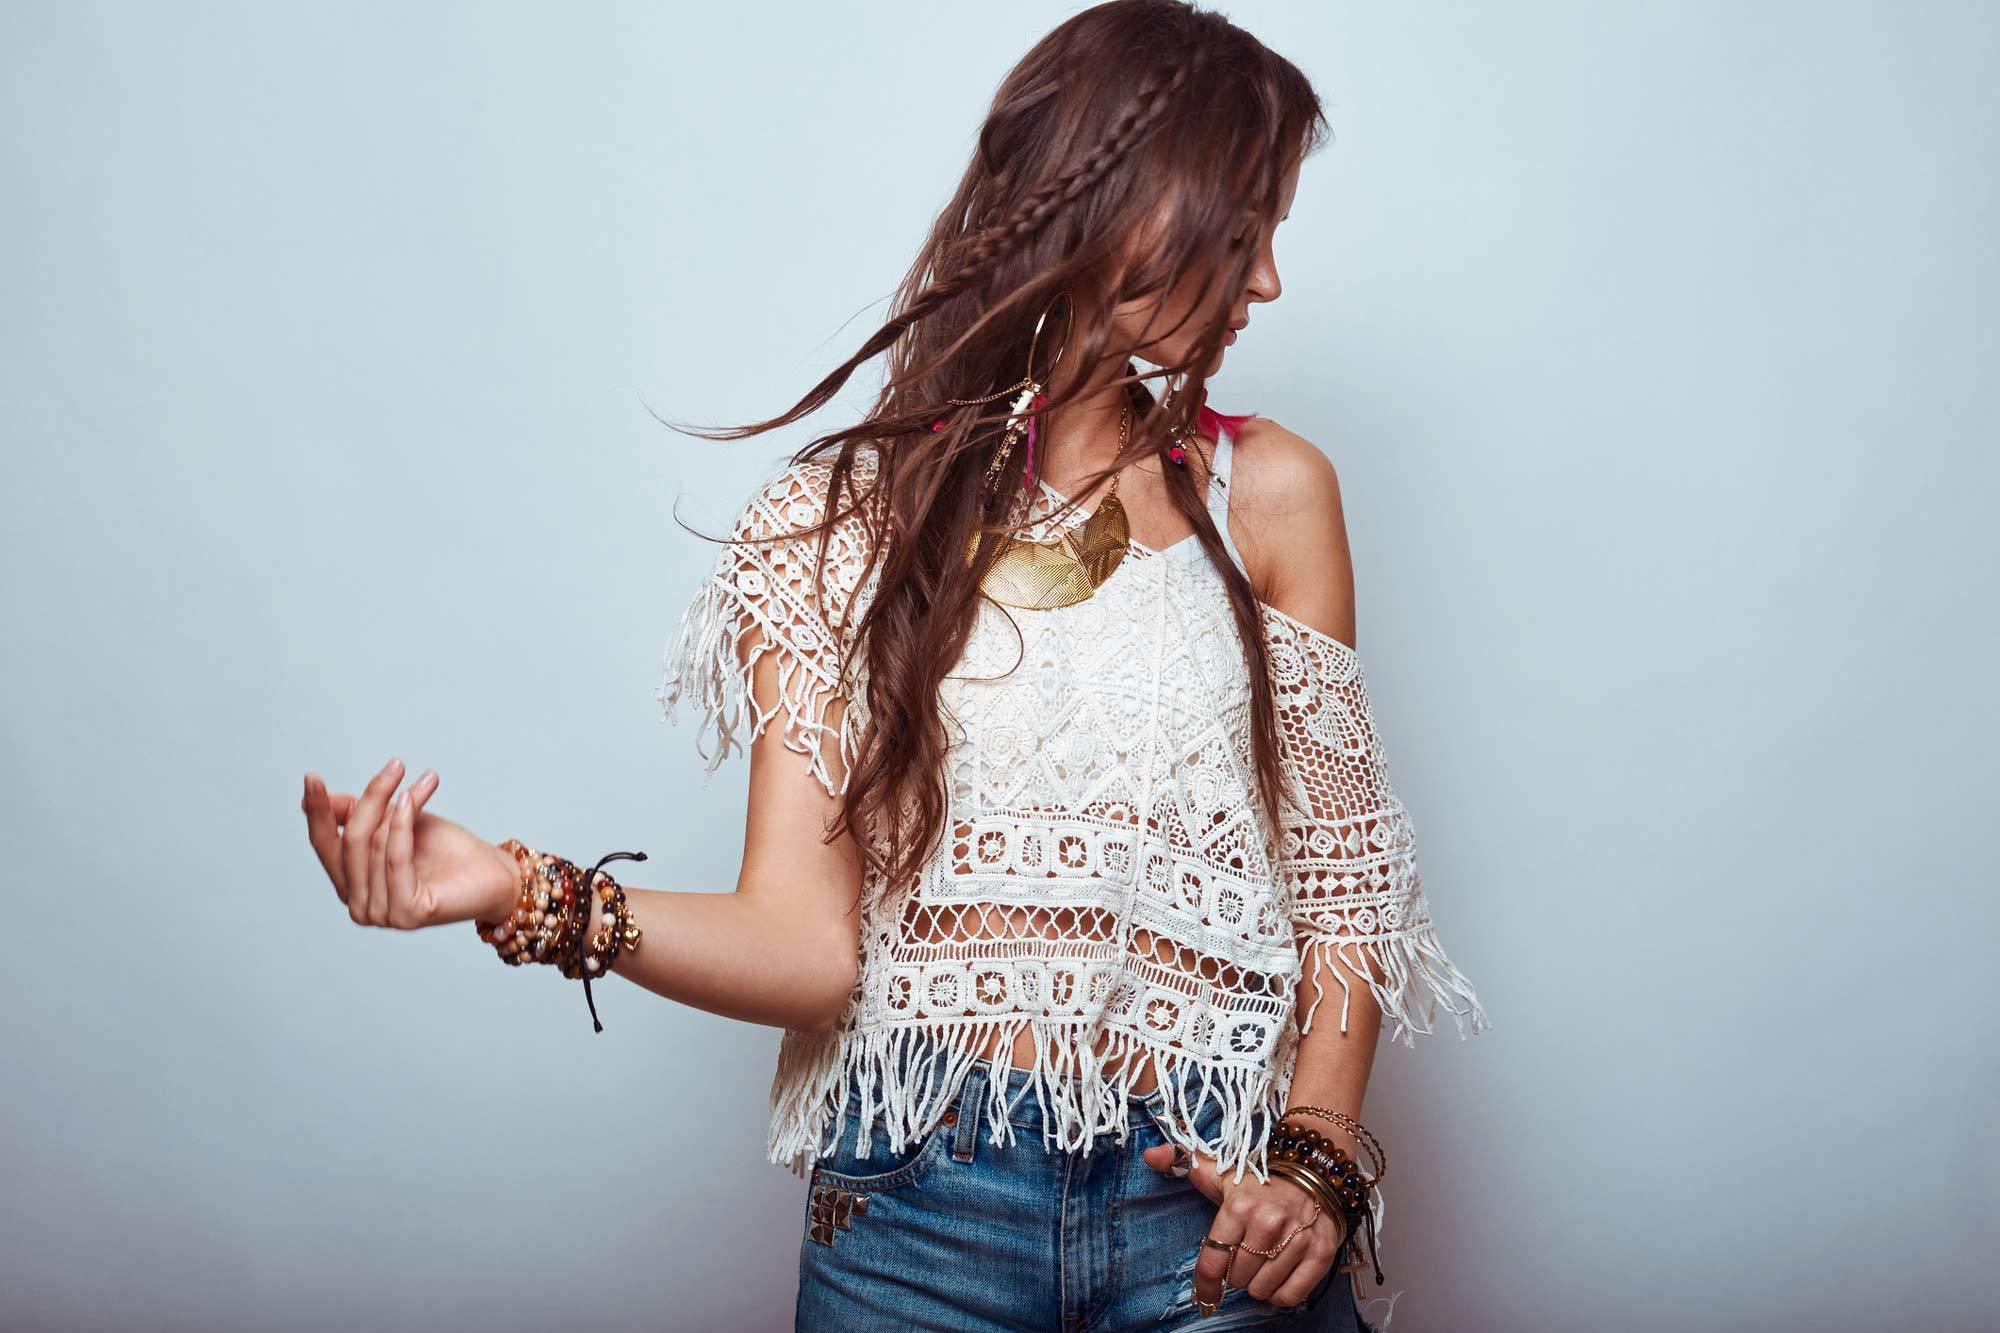 modelo usando um dos penteados hippie